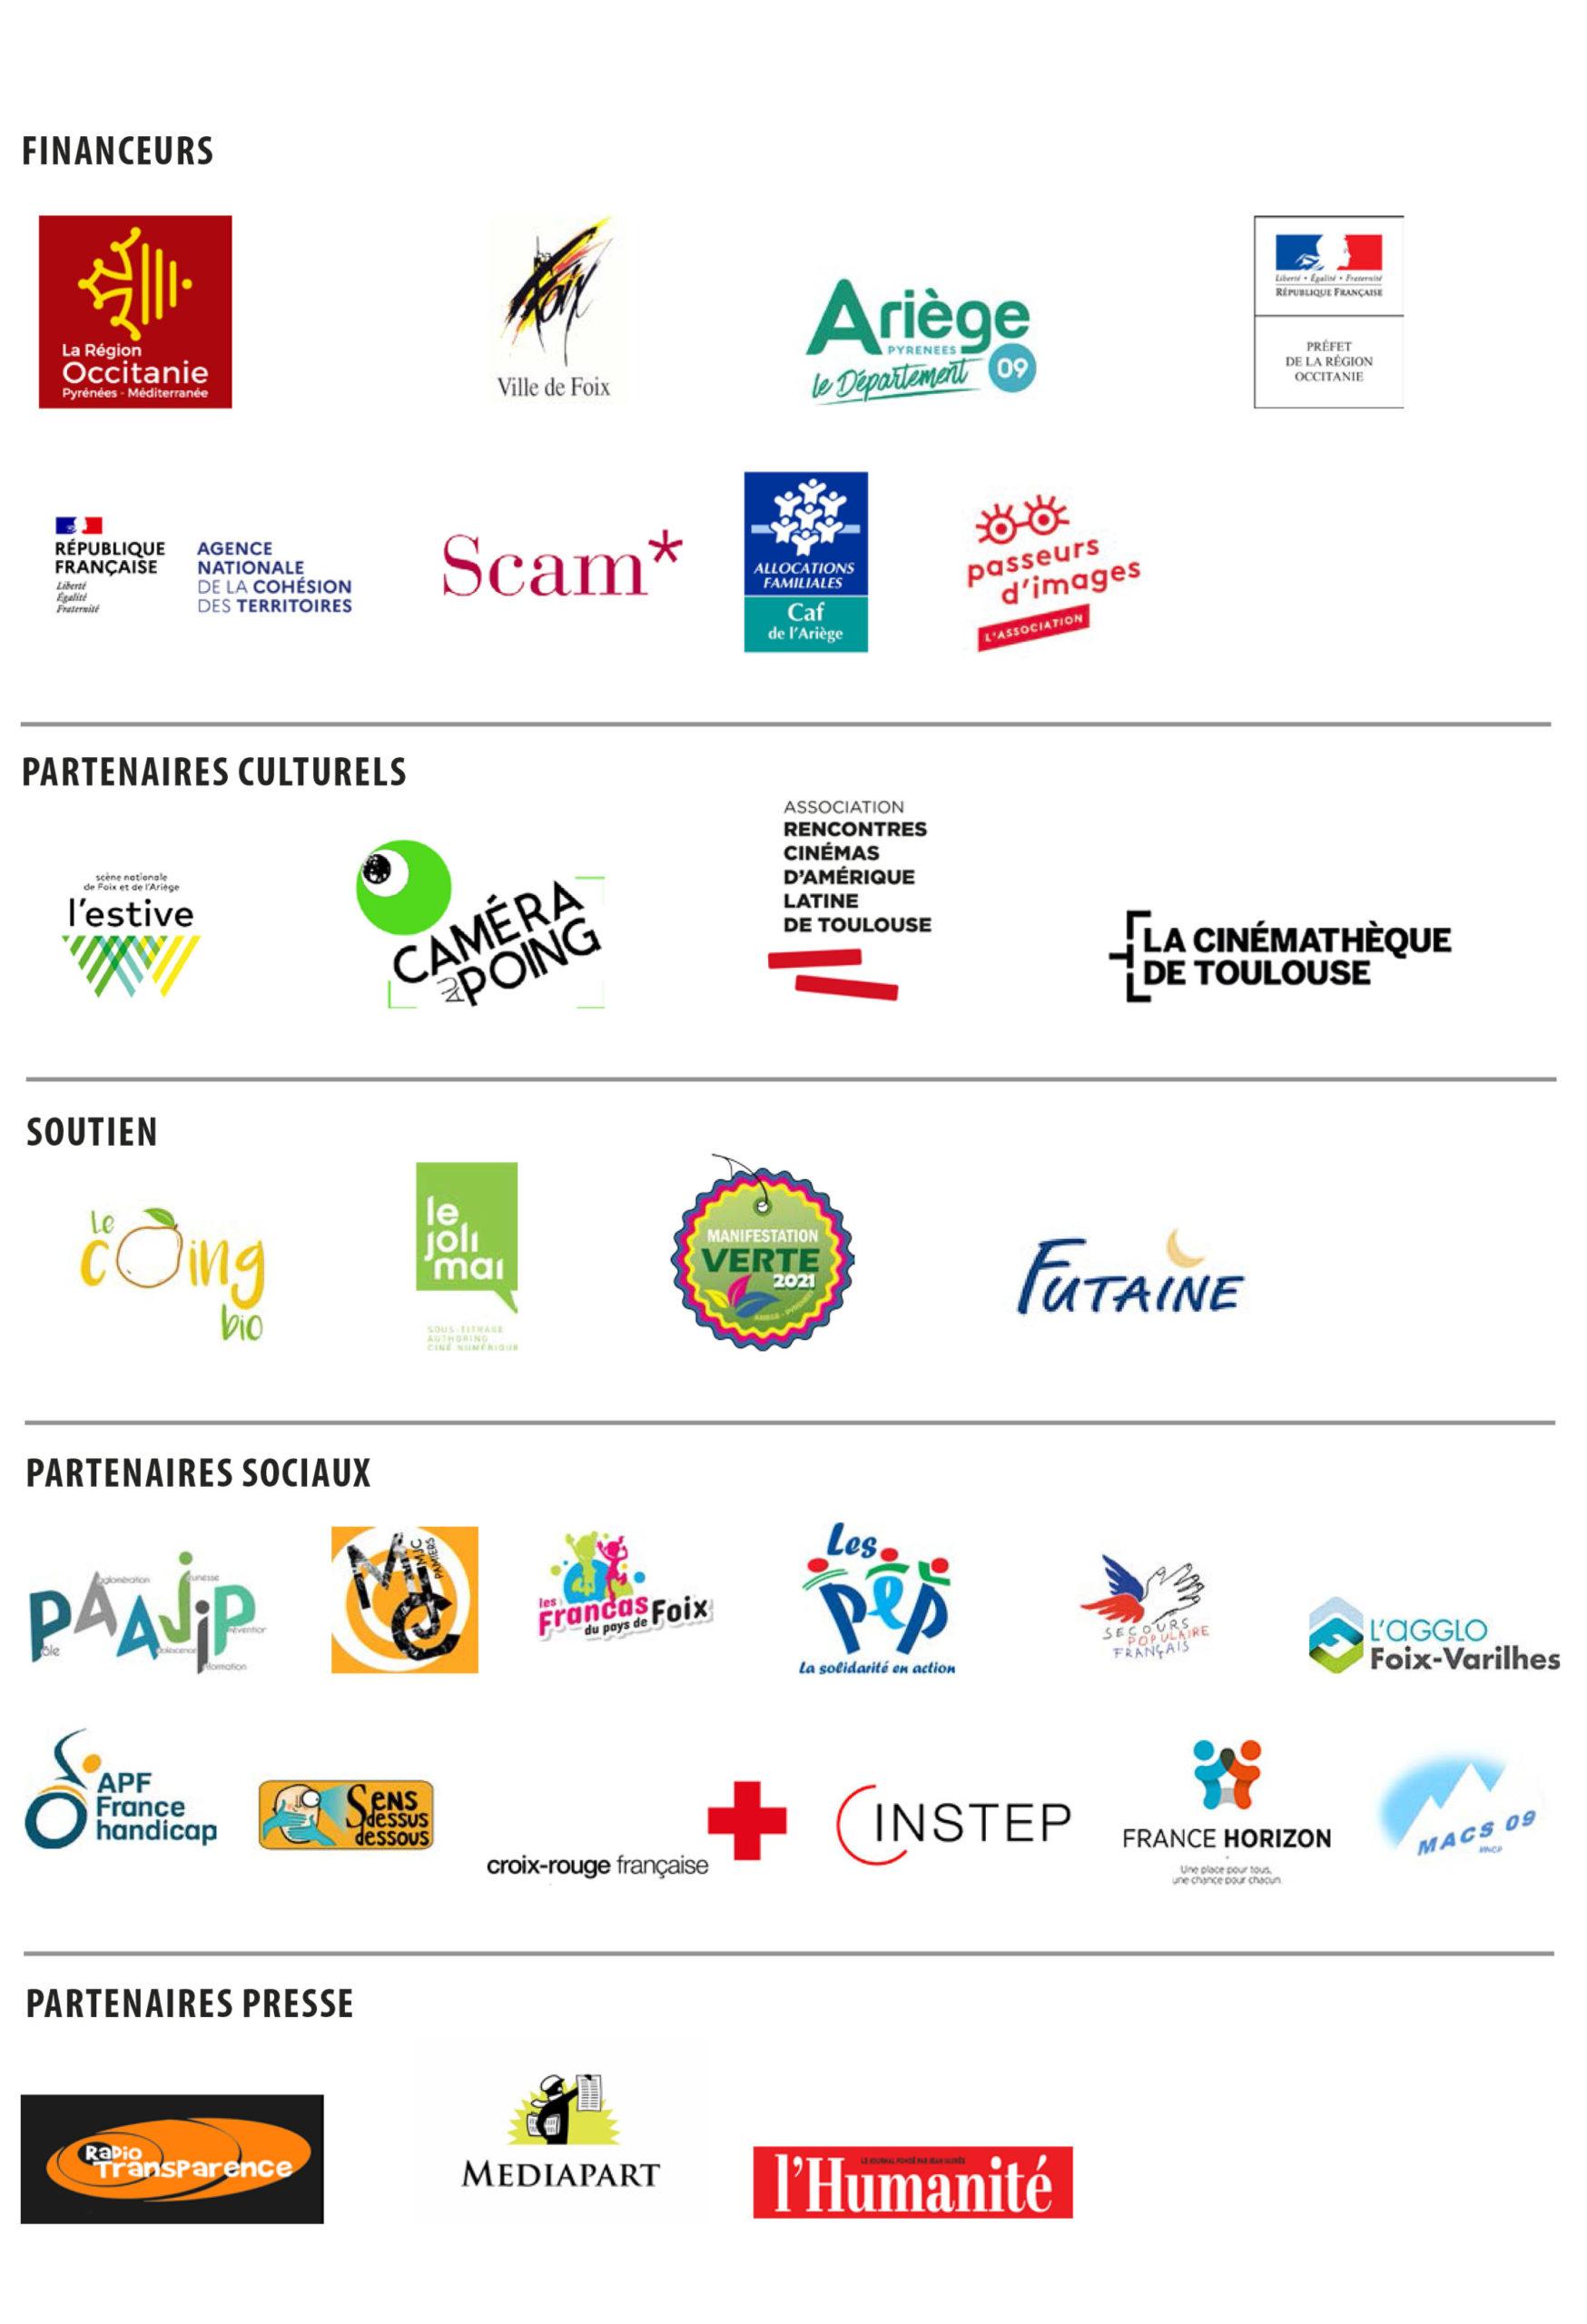 partenaires Festival Résistances fesitval militant films 2021 25e édition Foix Ariège Cinéma Films